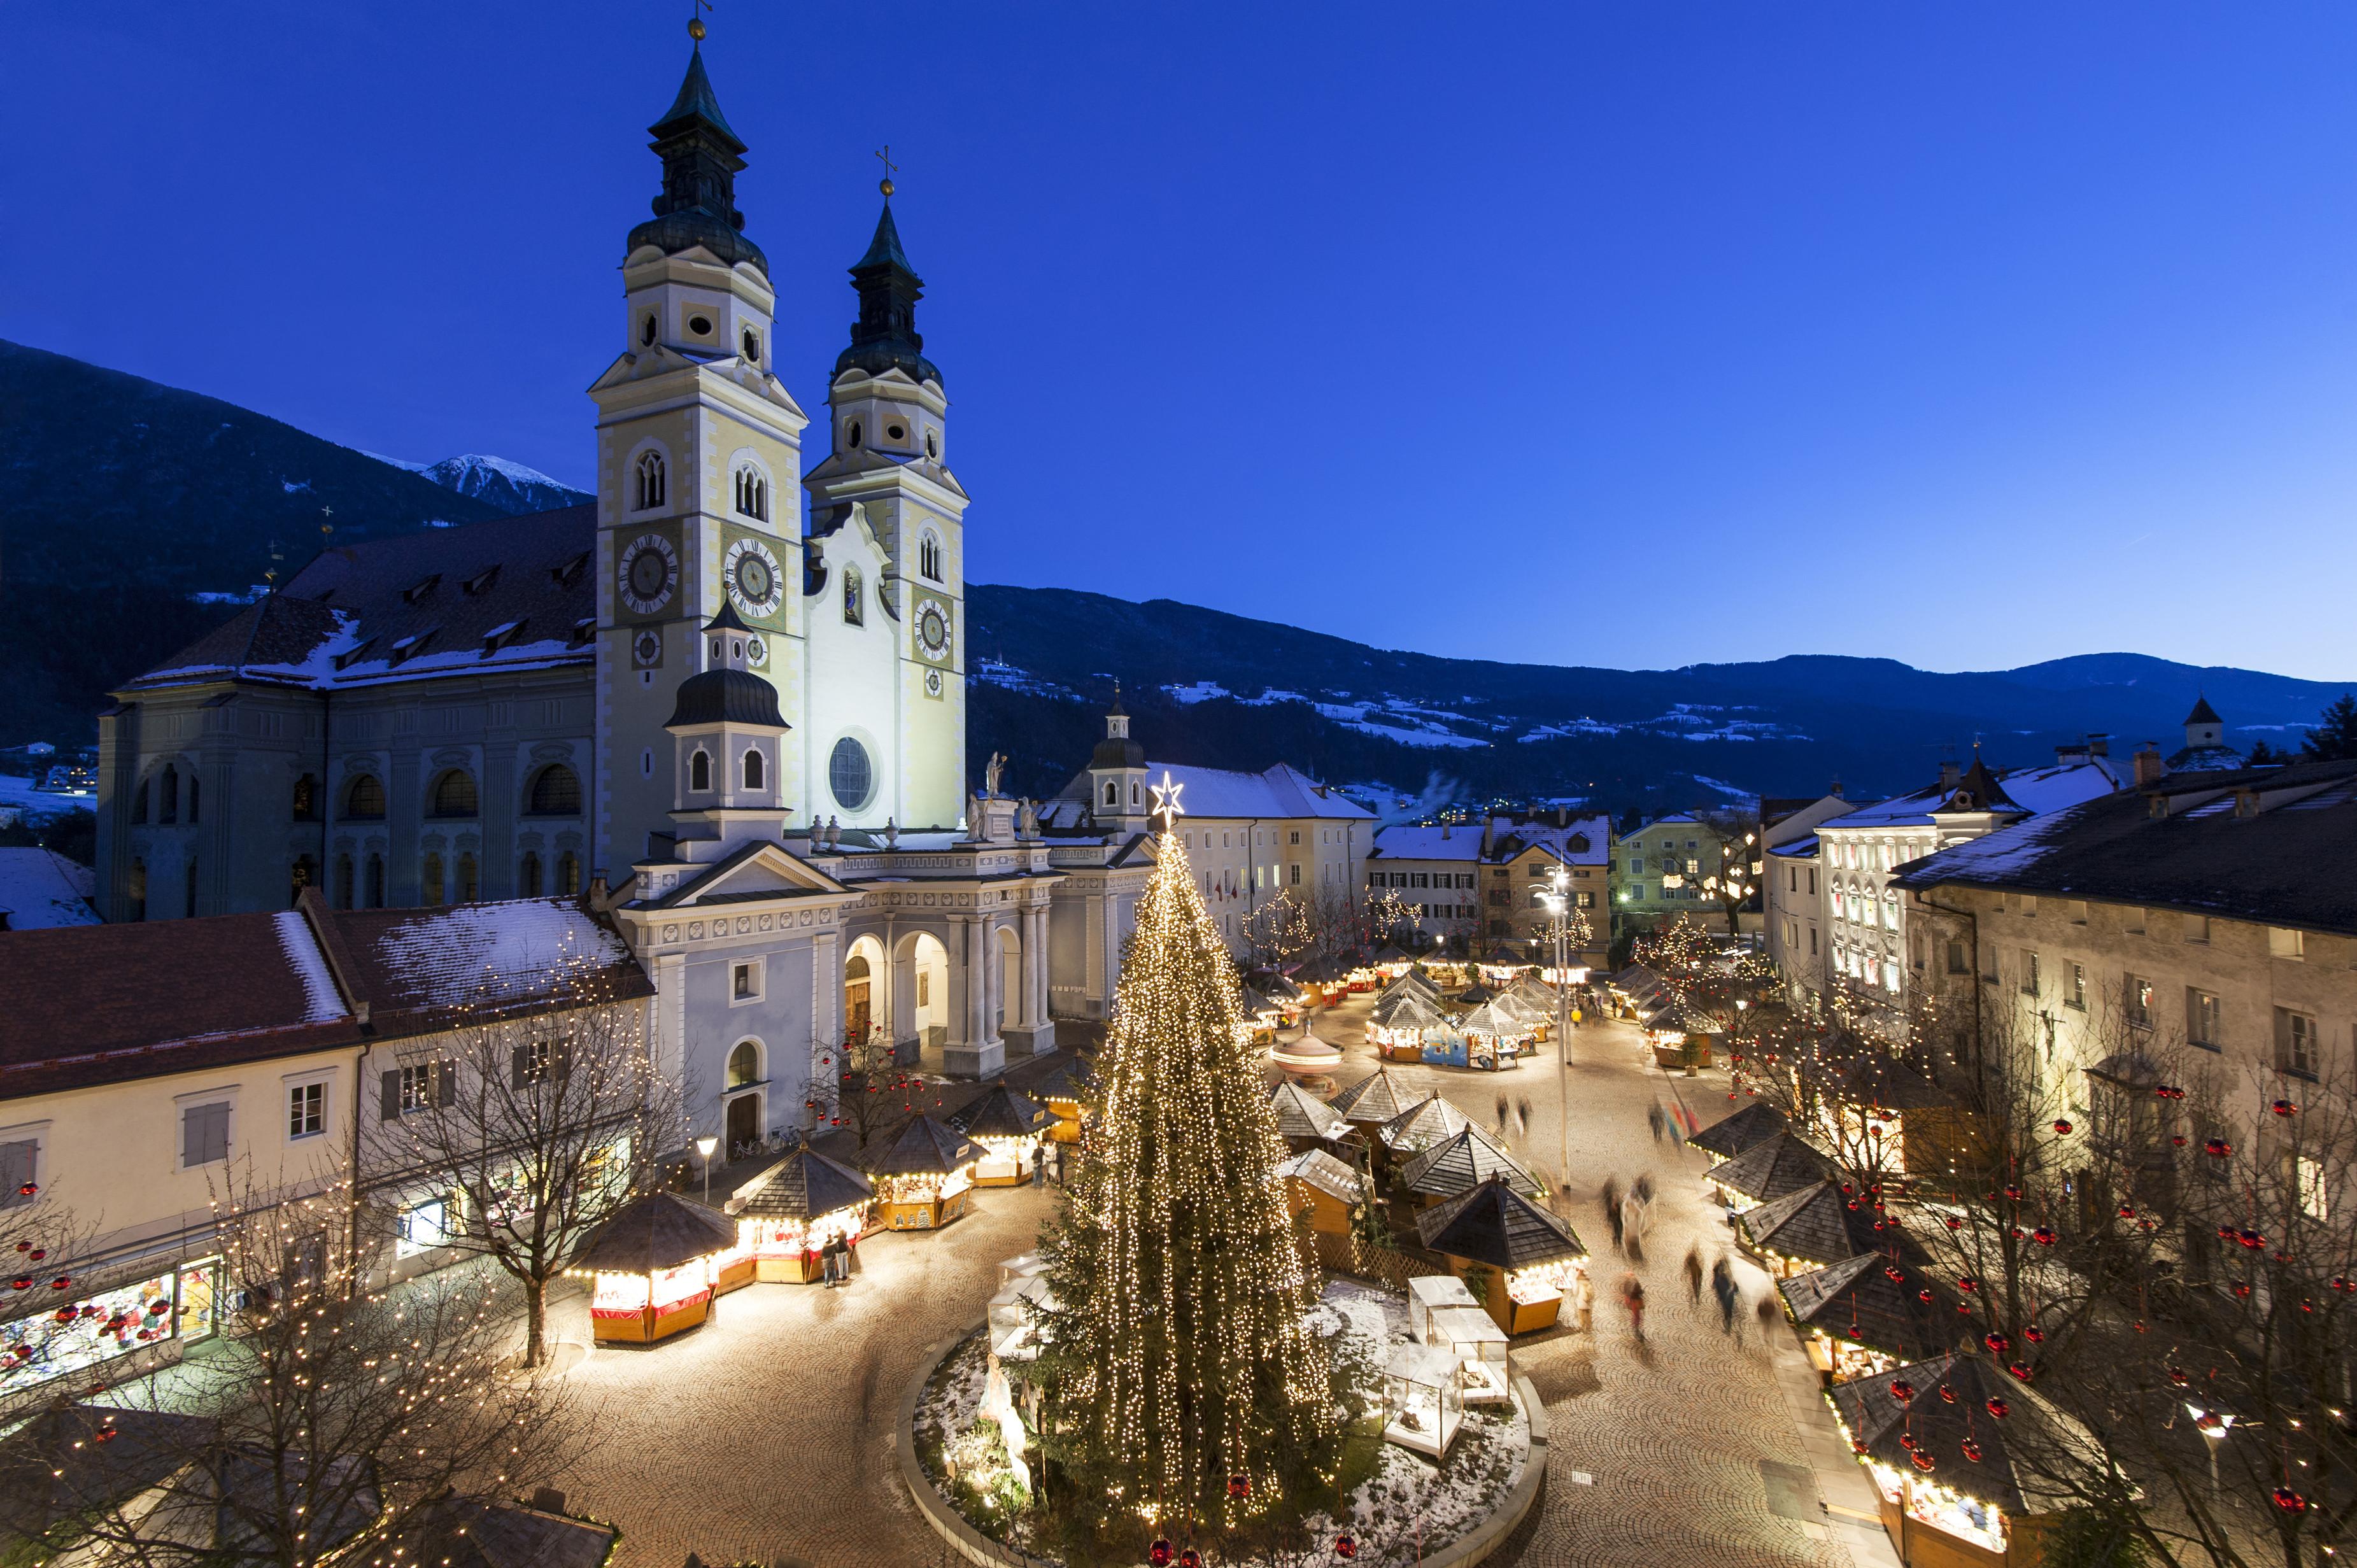 Besinnliche Abendstimmung verbreitet sich über den mit weihnachtlichen Lichterketten geschmückten Christkindlmarkt rund um den Brixner Dom.